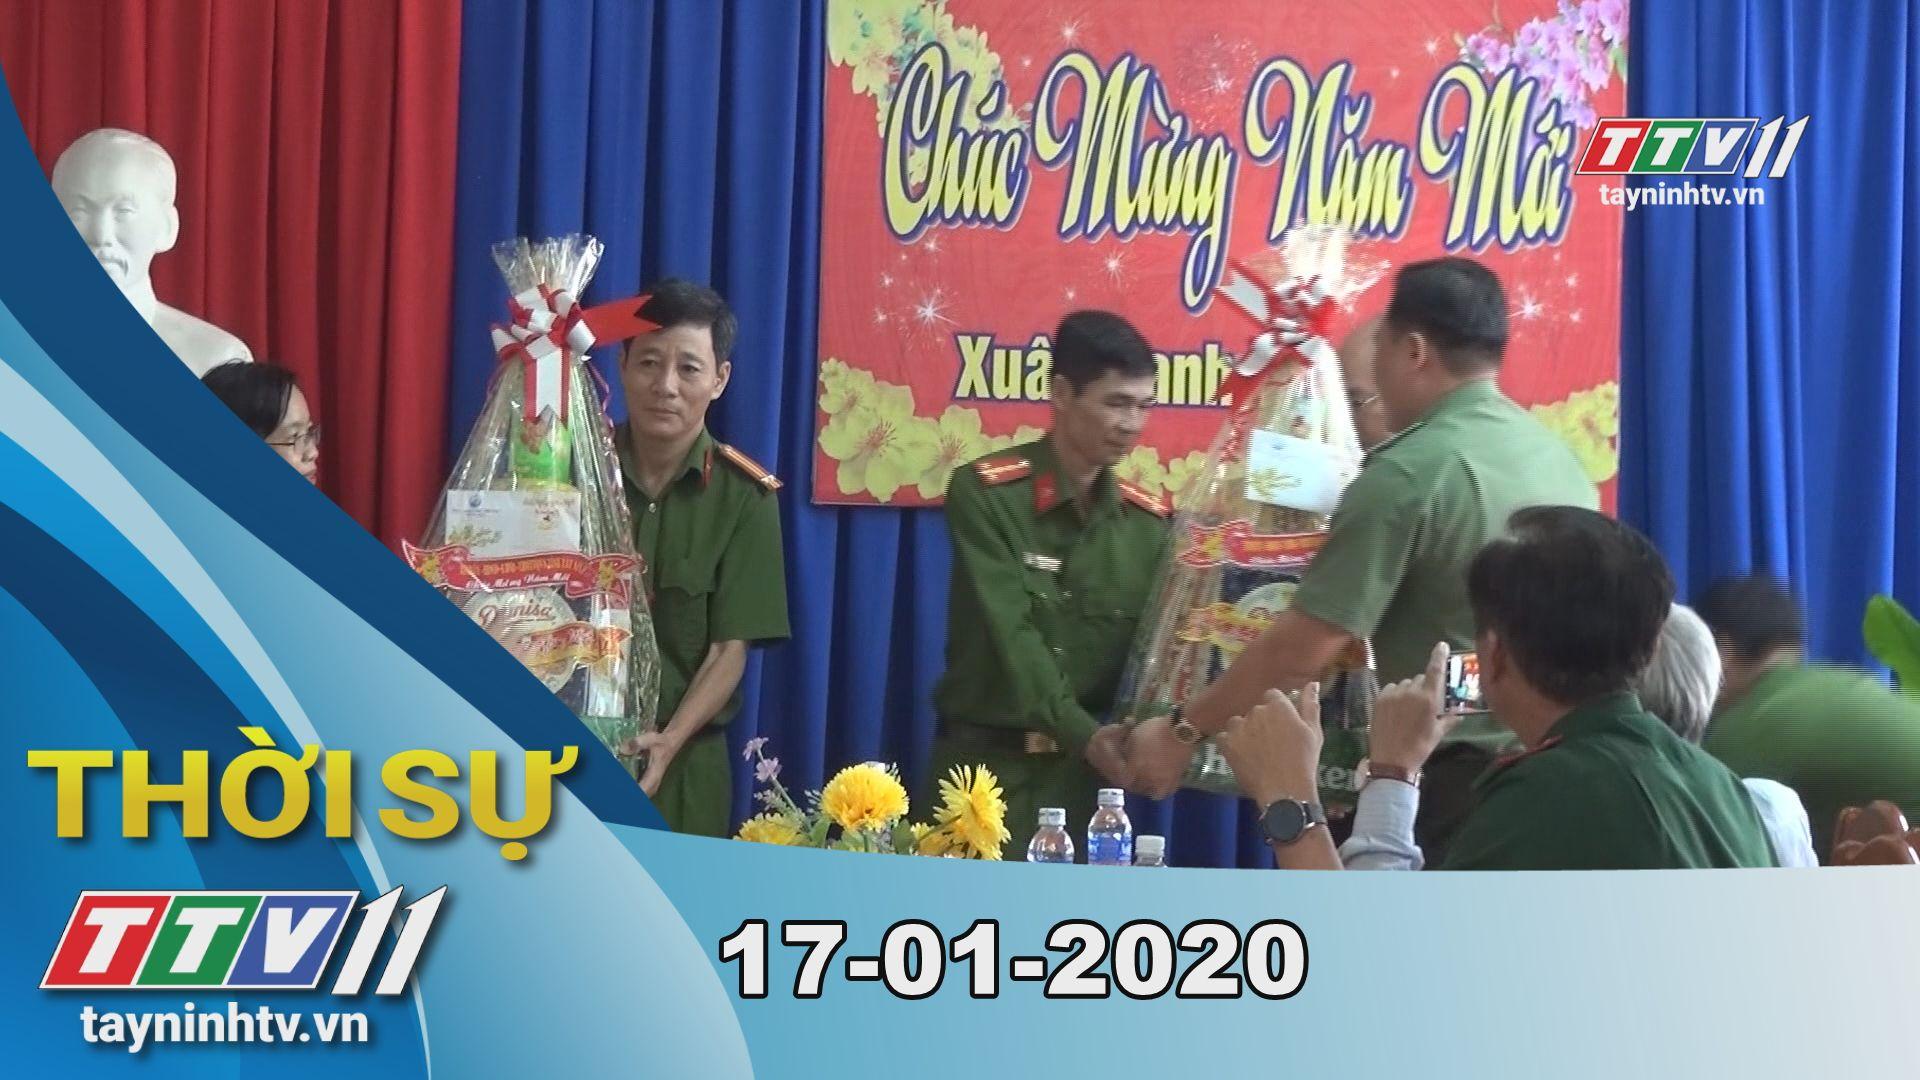 Thời sự Tây Ninh 17-01-2020 | Tin tức hôm nay | TayNinhTV